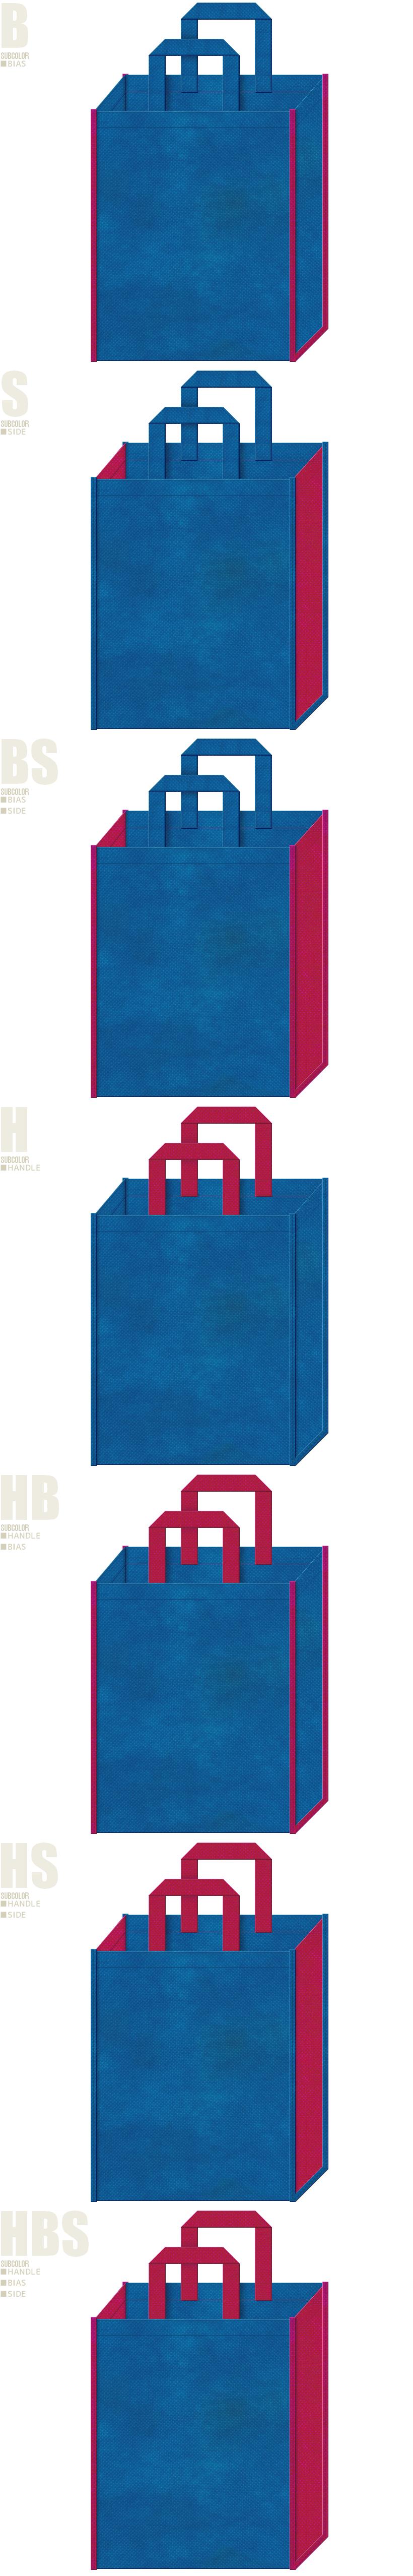 青色と濃いピンク色-7パターンの不織布トートバッグ配色デザイン例